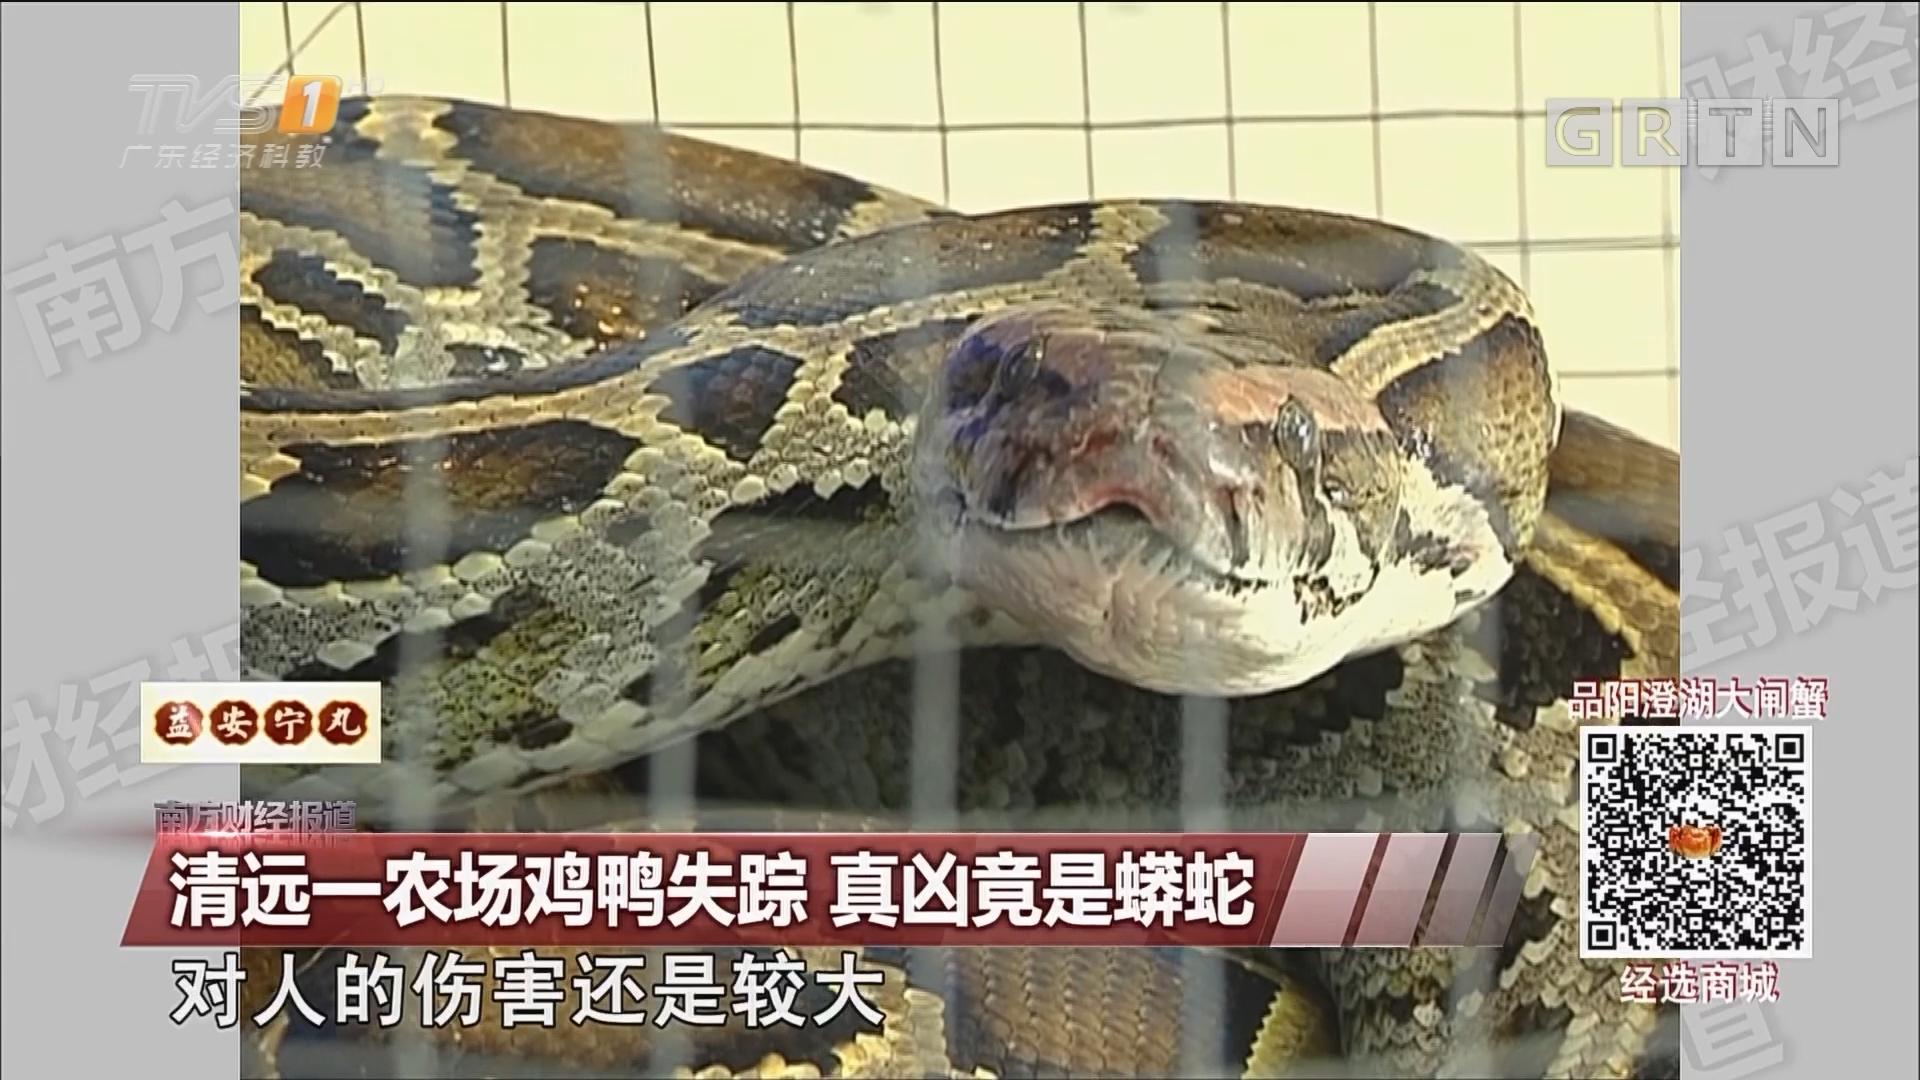 清远一农场鸡鸭失踪 真凶竟是蟒蛇